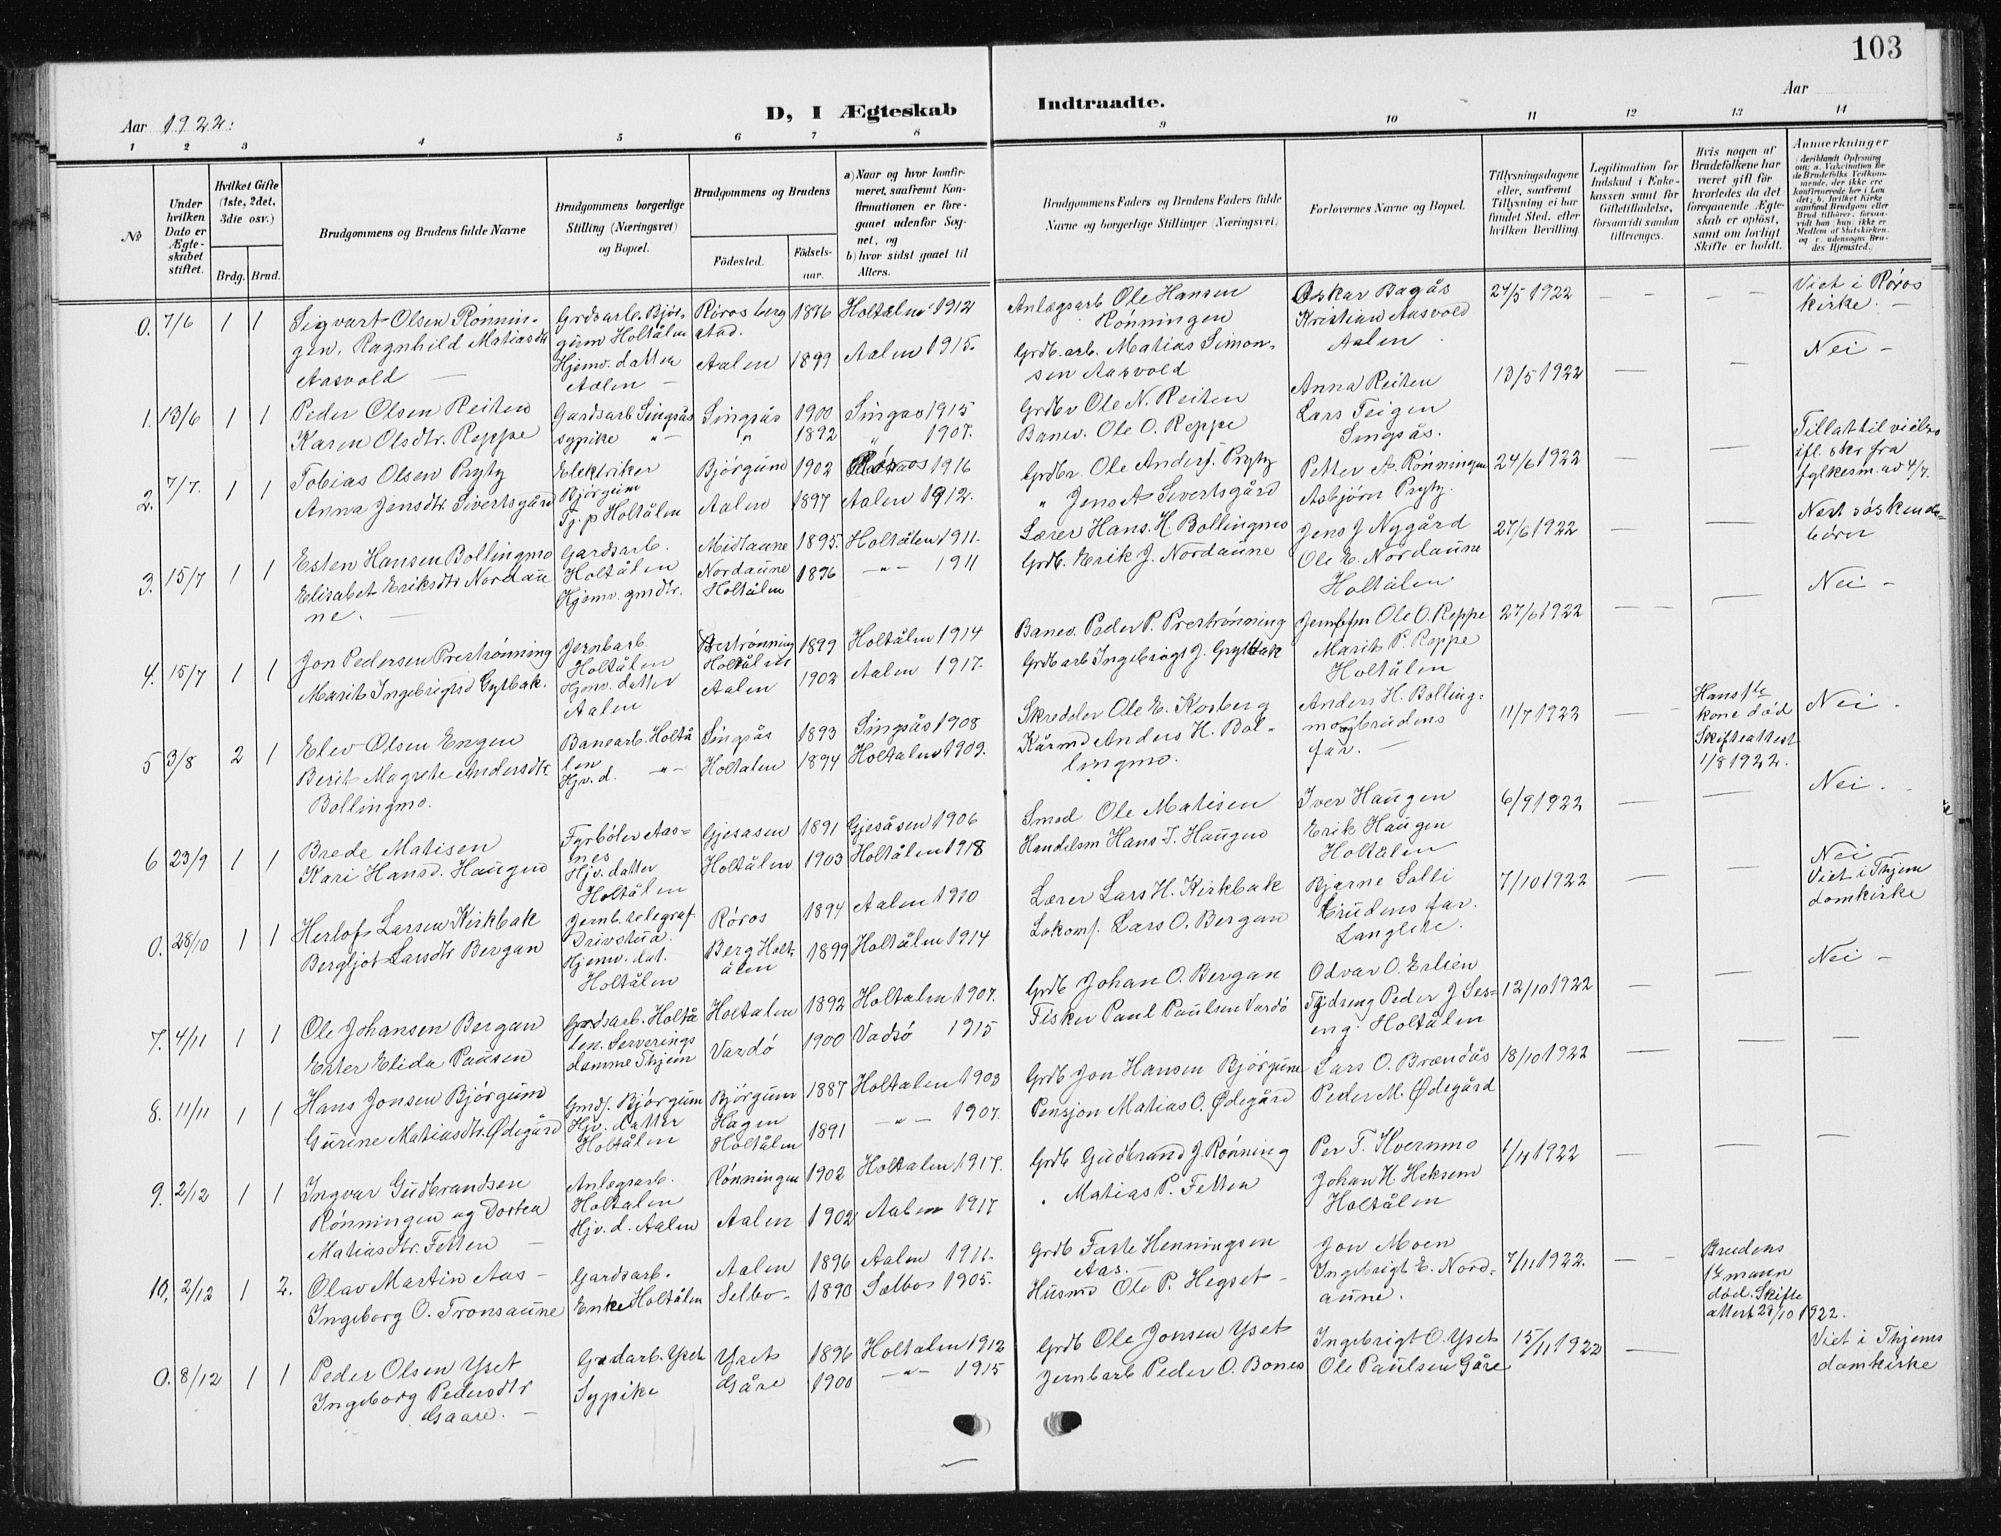 SAT, Ministerialprotokoller, klokkerbøker og fødselsregistre - Sør-Trøndelag, 685/L0979: Klokkerbok nr. 685C04, 1908-1933, s. 103